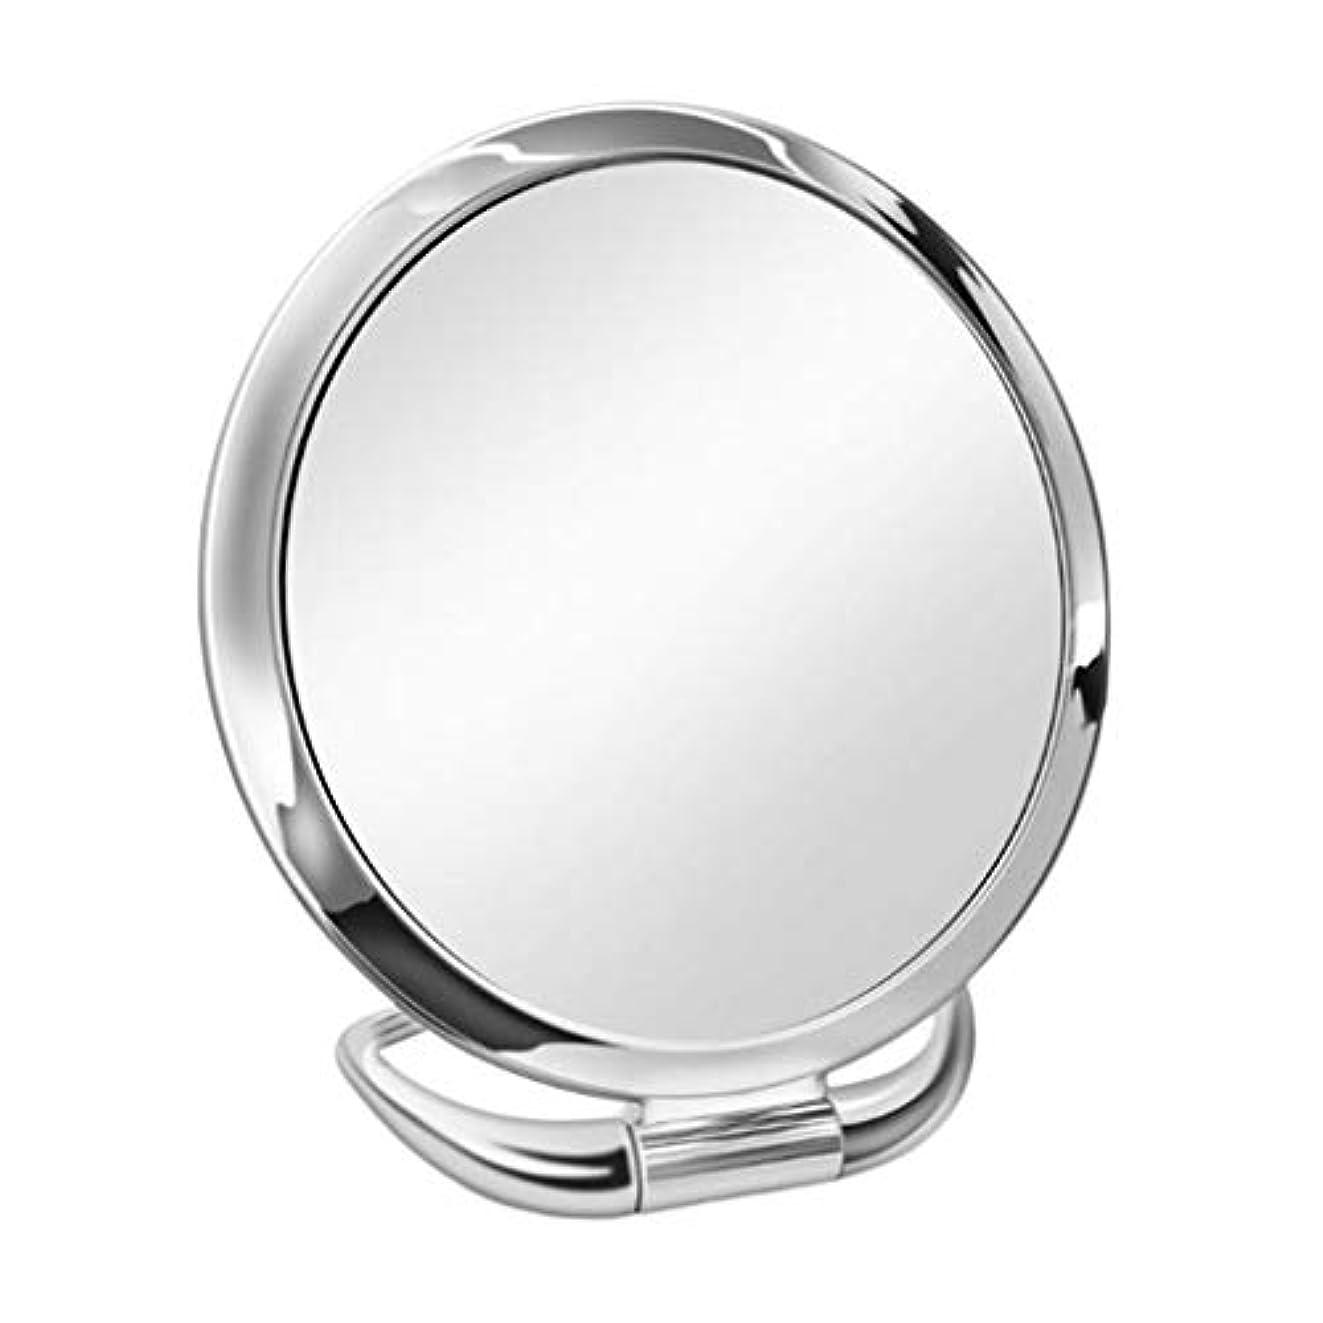 フラフープ魅了するプロフェッショナルInjoyo 卓上ミラー 化粧鏡 1倍/3倍拡大鏡 両面化粧鏡 メイクミラー 女優ミラー スタンドミラー 卓上鏡 全6種 - スライバーラウンド